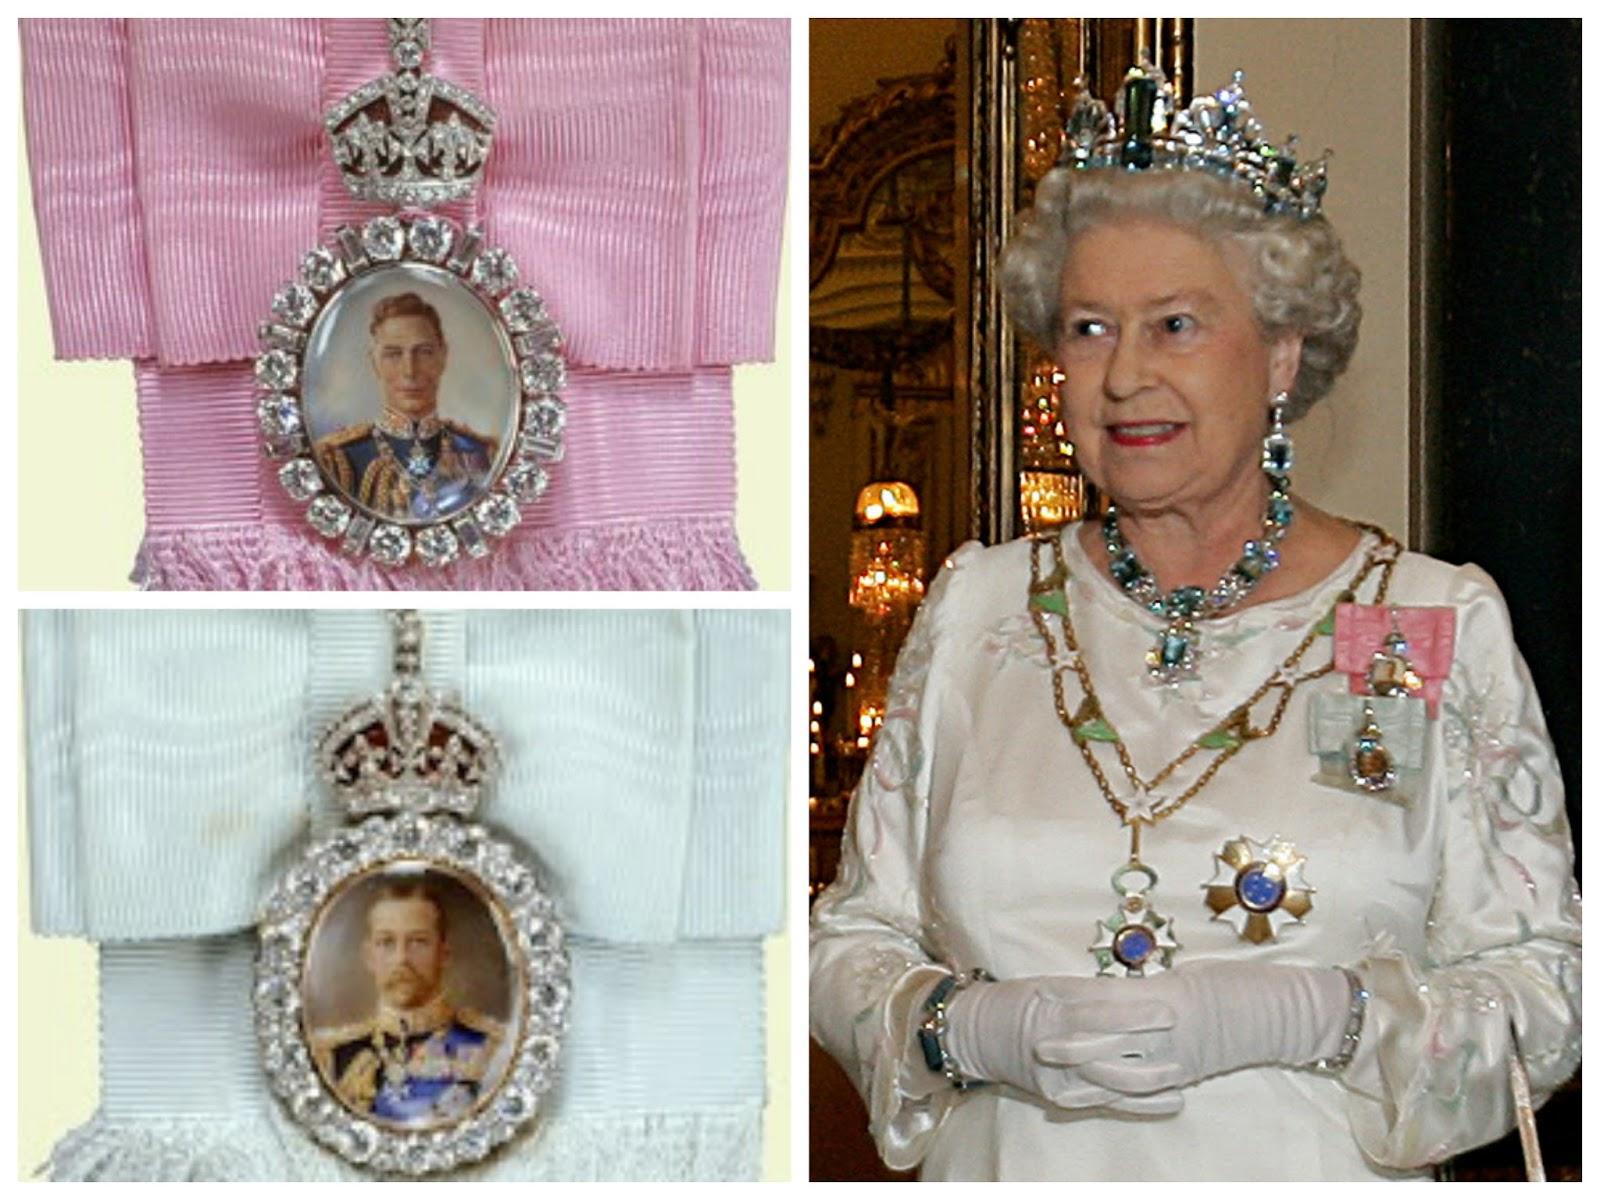 Knigliche Juwelen Die Kronjuwelen aus England Teil 3